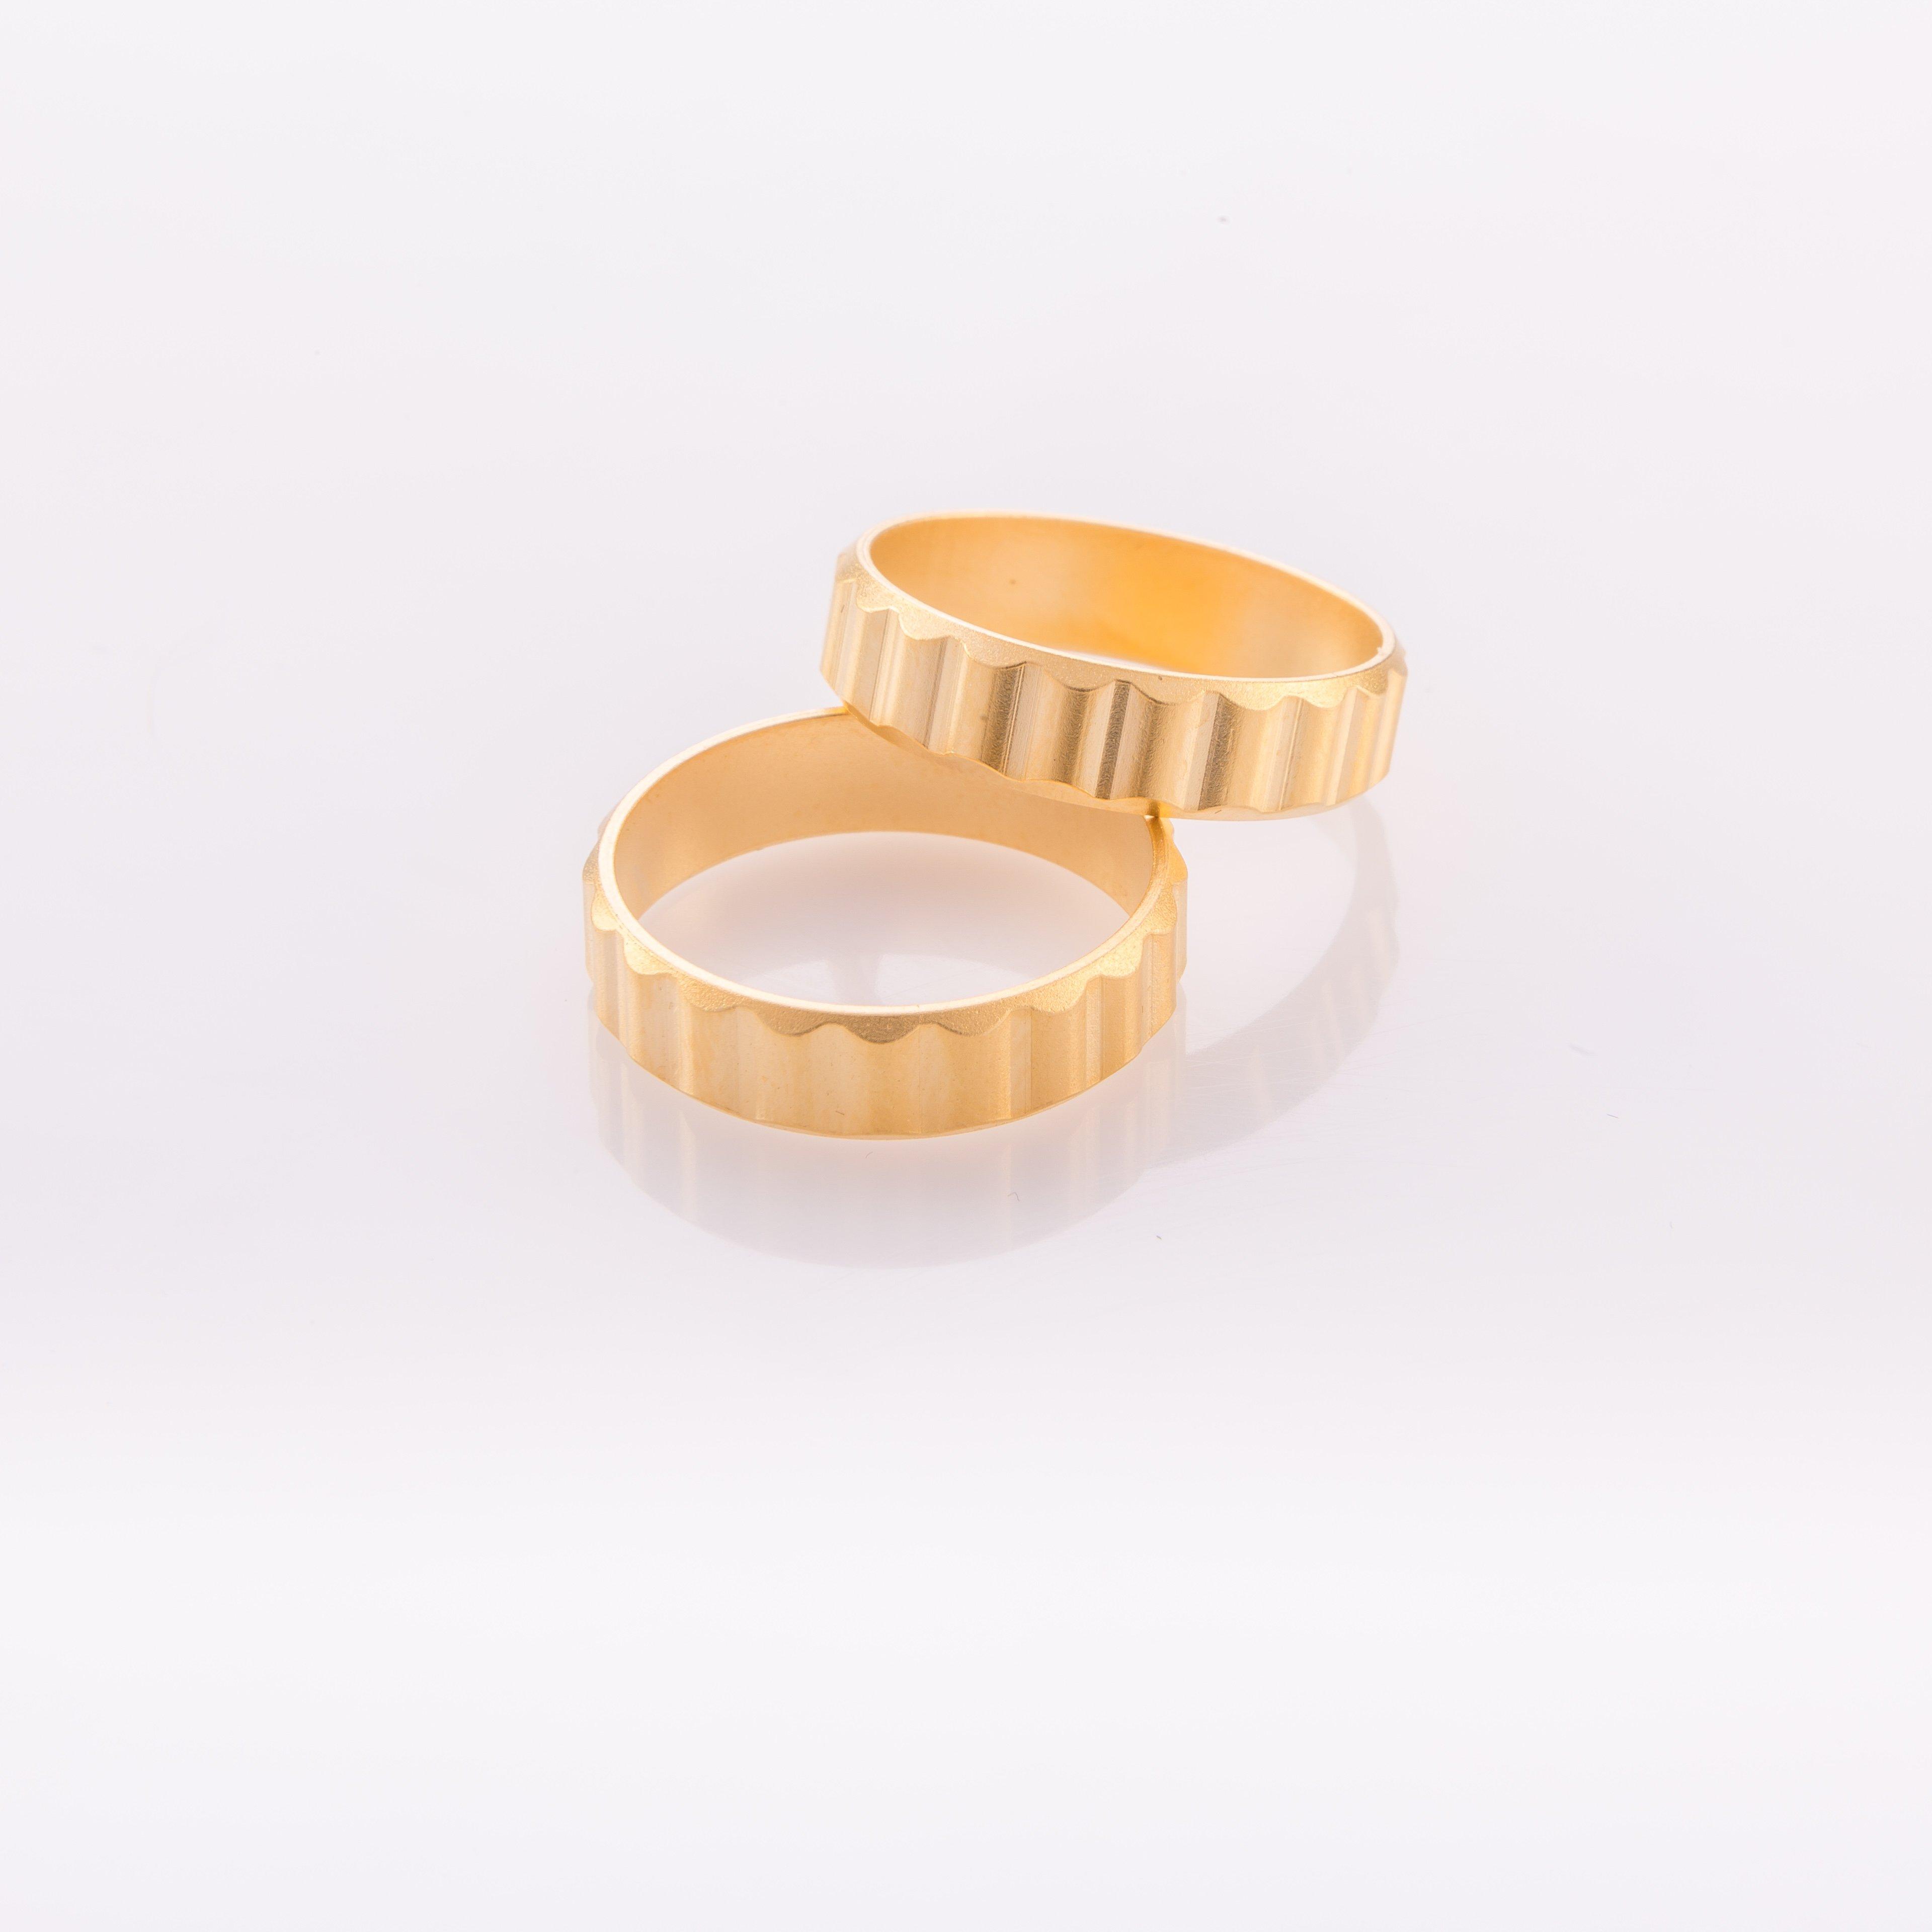 תמונת מוצר, טבעת קלאסית בצבע זהב, מרוקעת פסים עבים.